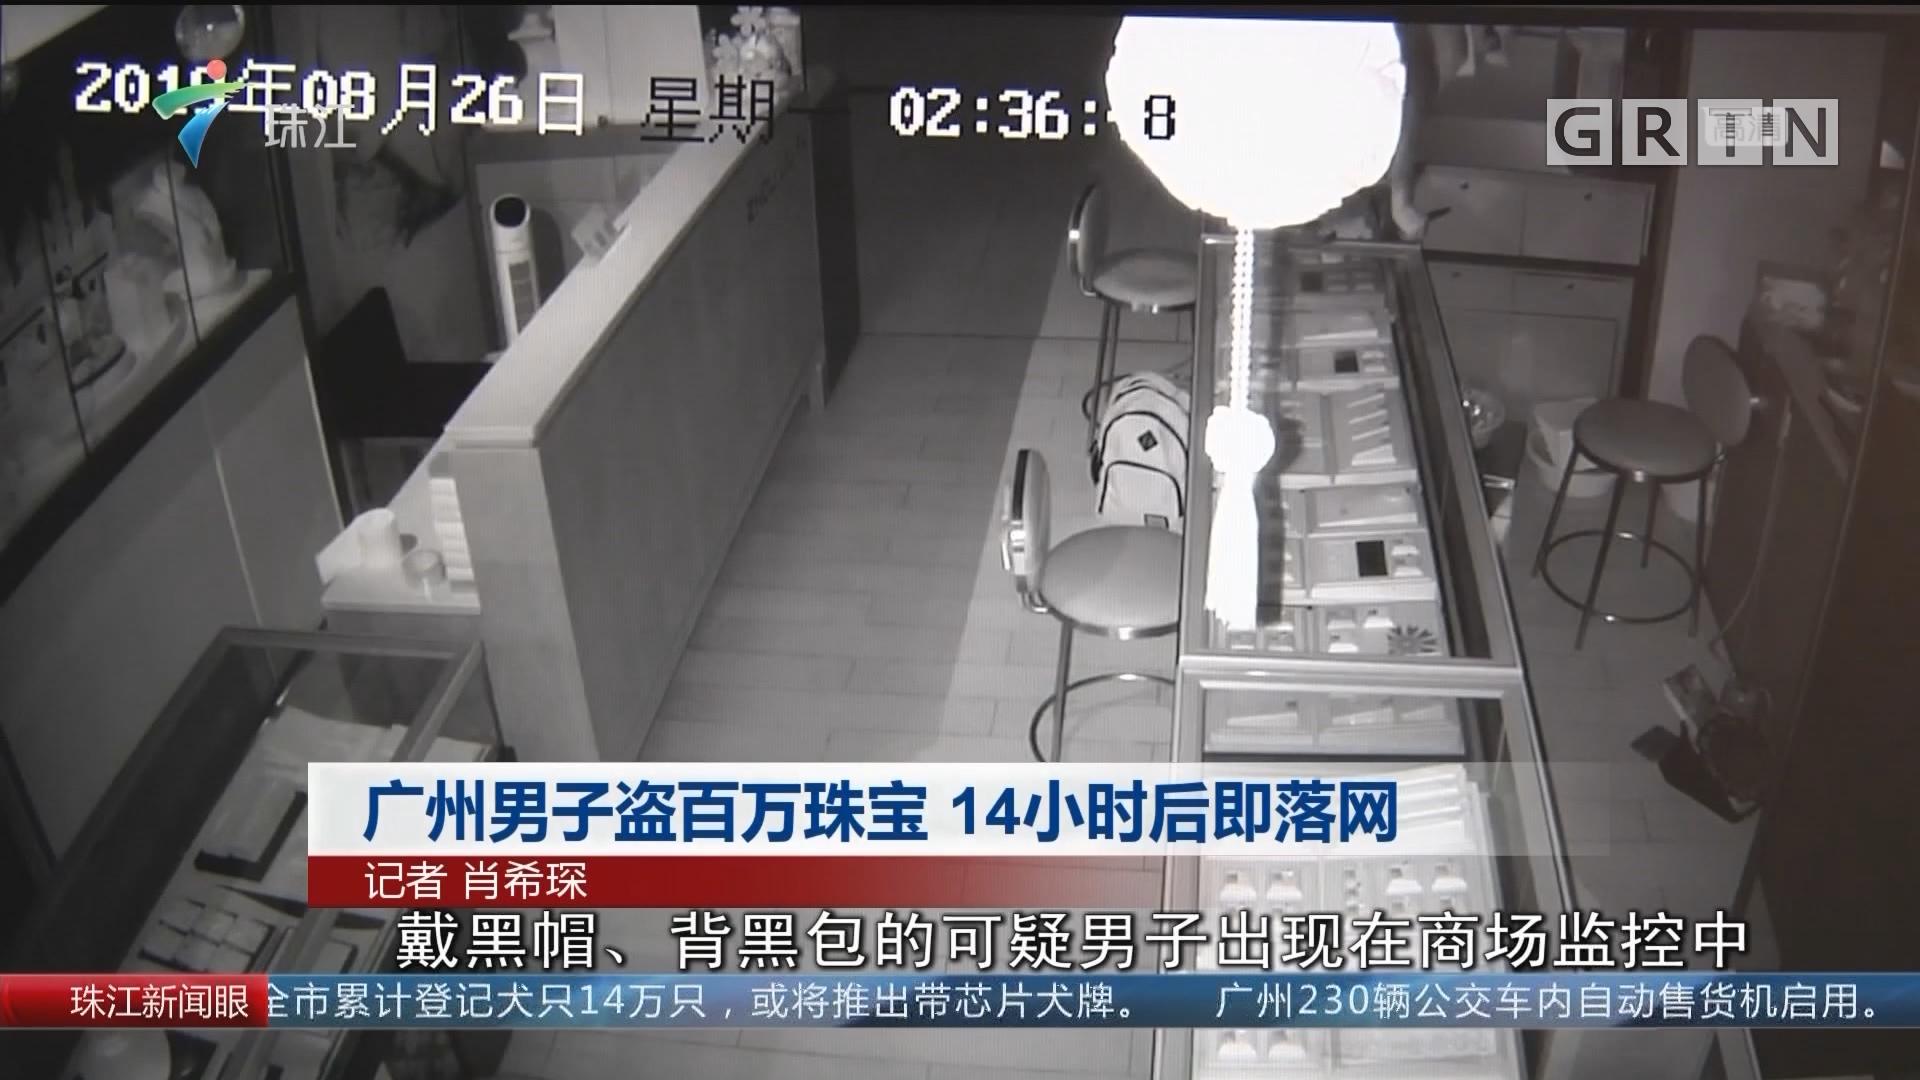 广州男子盗百万珠宝 14小时后即落网